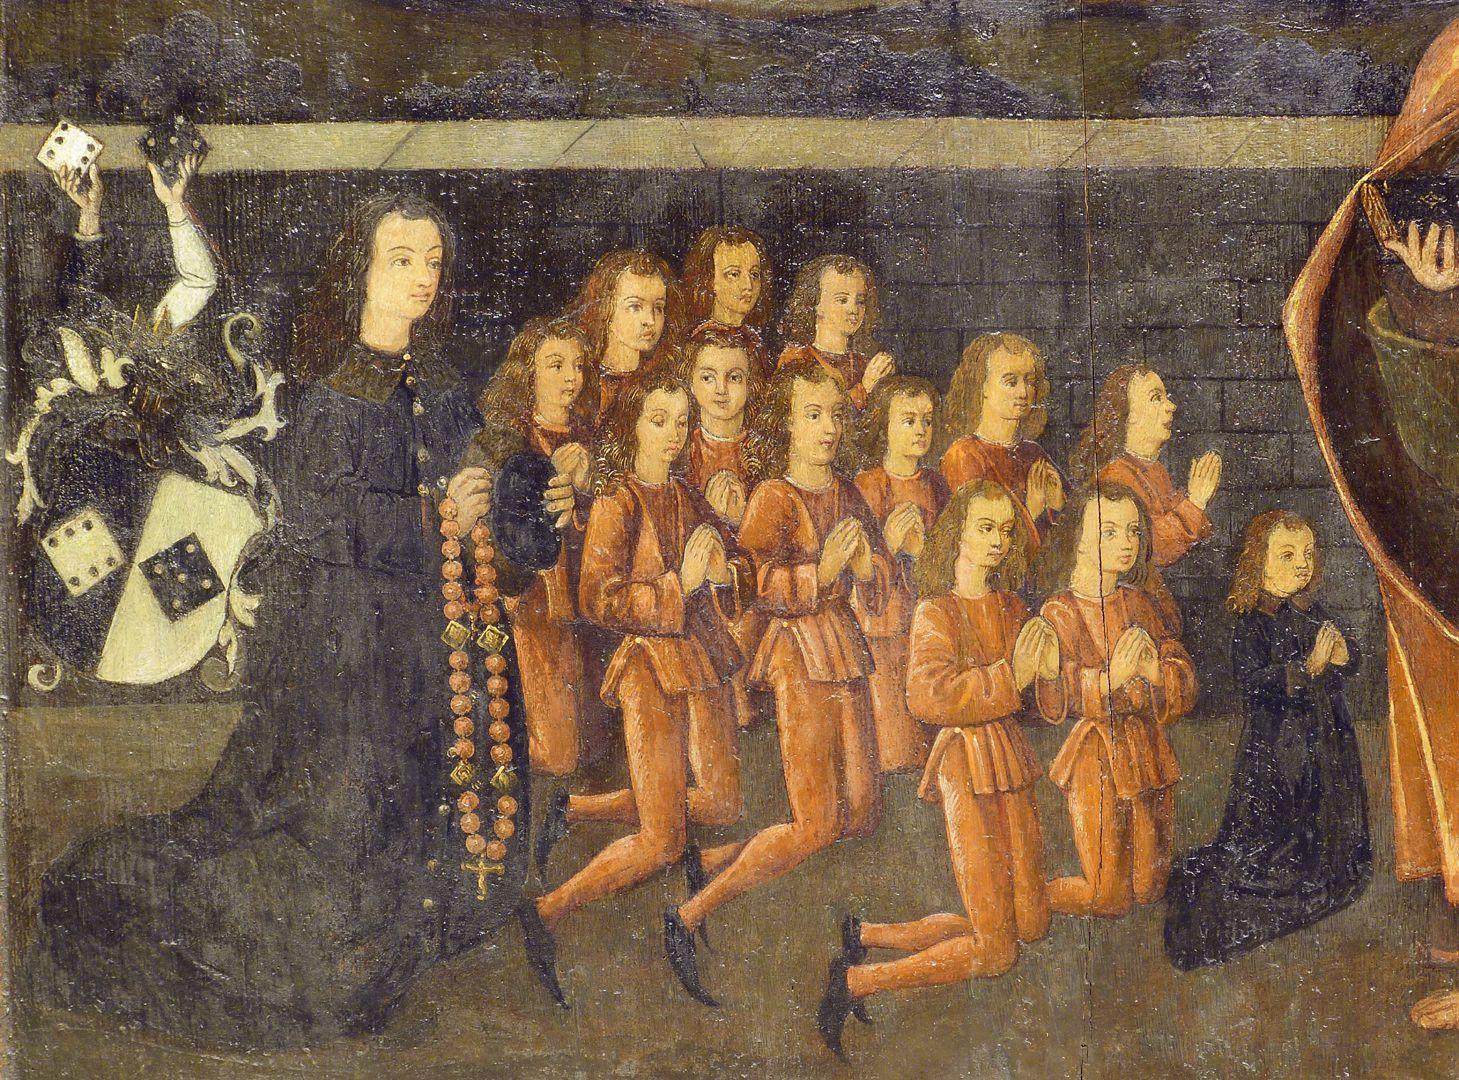 Petersaltar Antependium vor dem Stipes, Detailansicht mit den Söhnen des Nikolaus Topler zur Rechten Petri